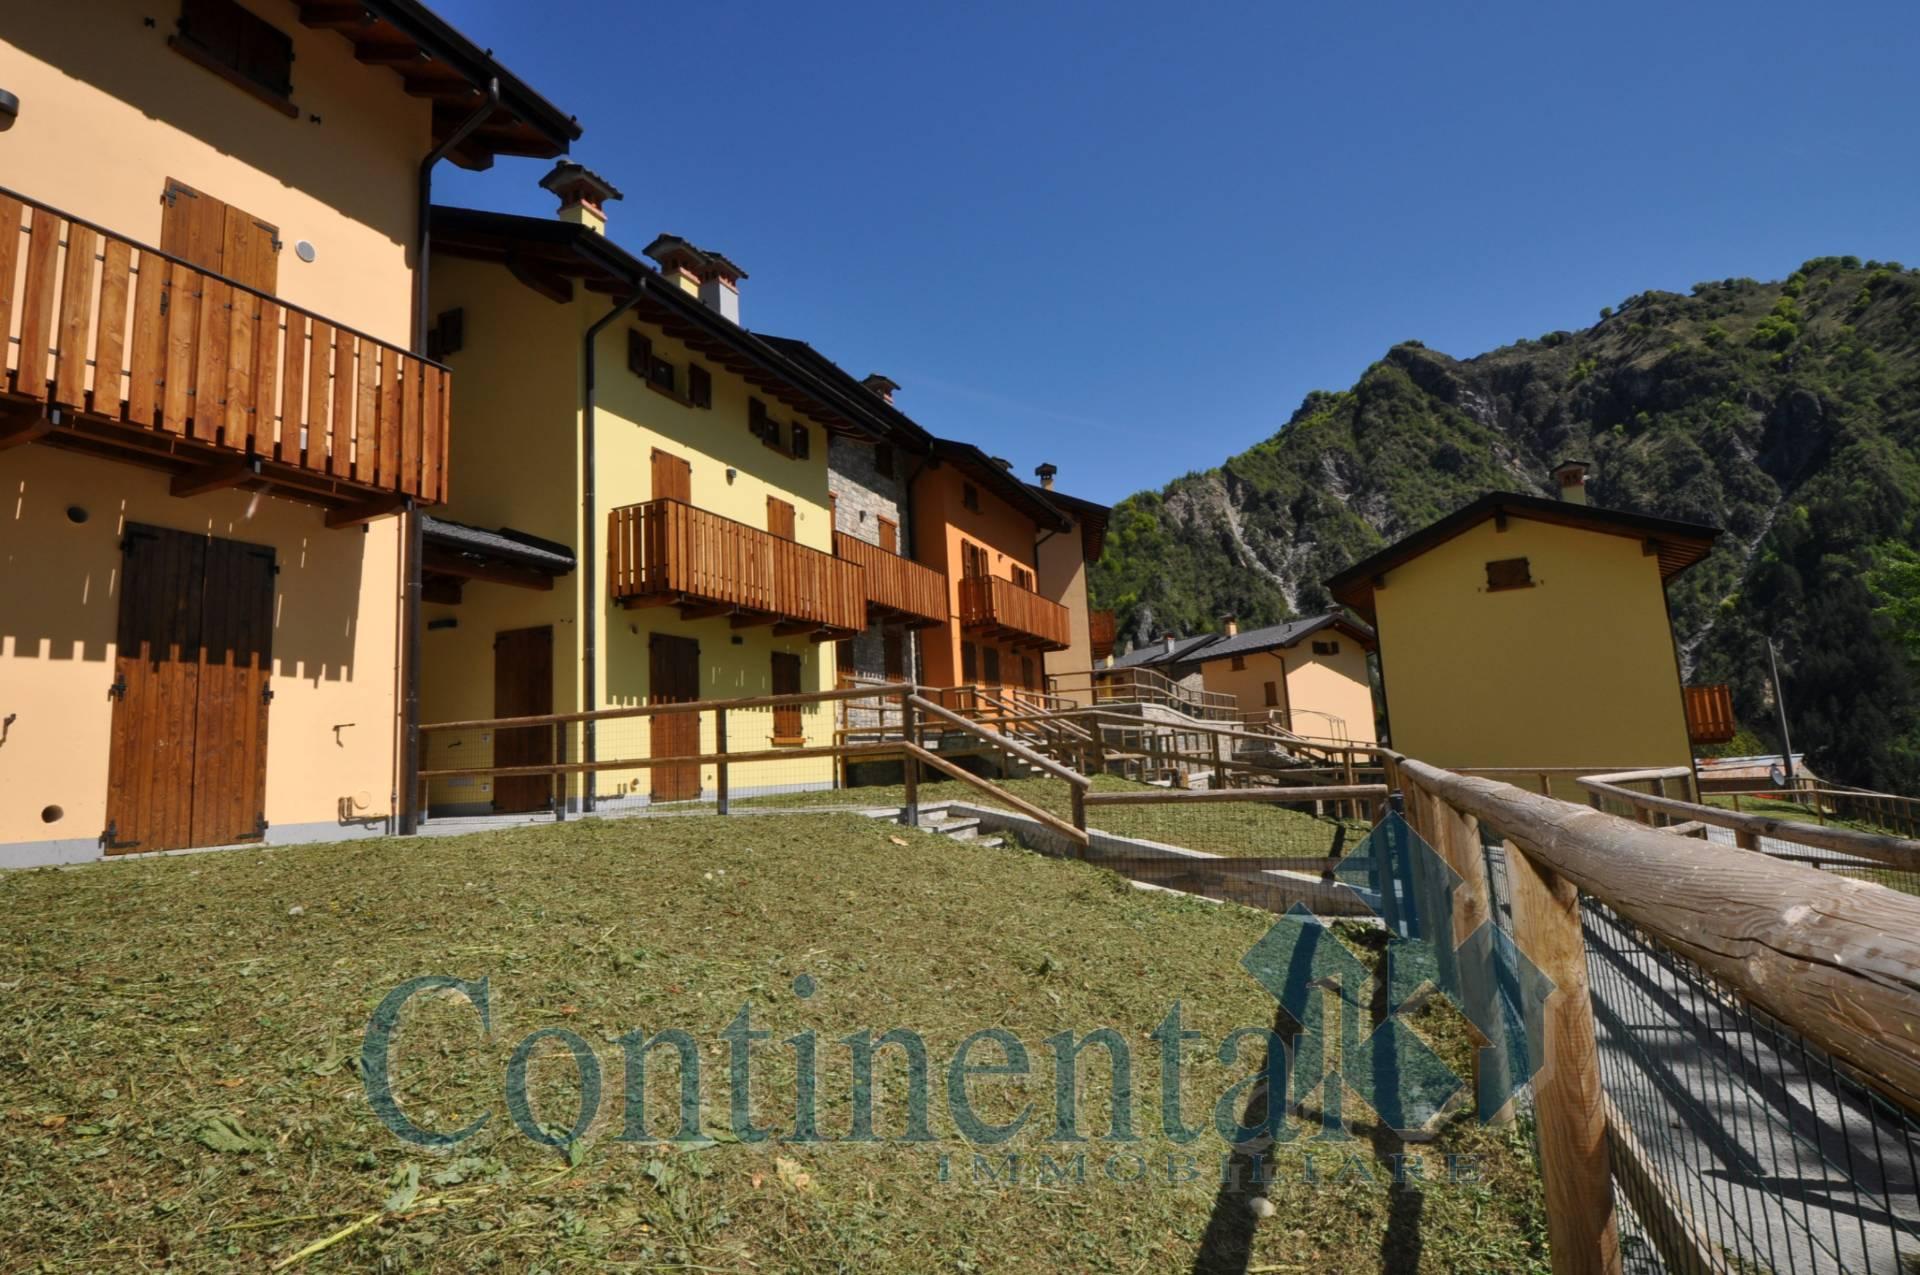 Villa in vendita a Valtorta, 2 locali, prezzo € 68.000 | PortaleAgenzieImmobiliari.it